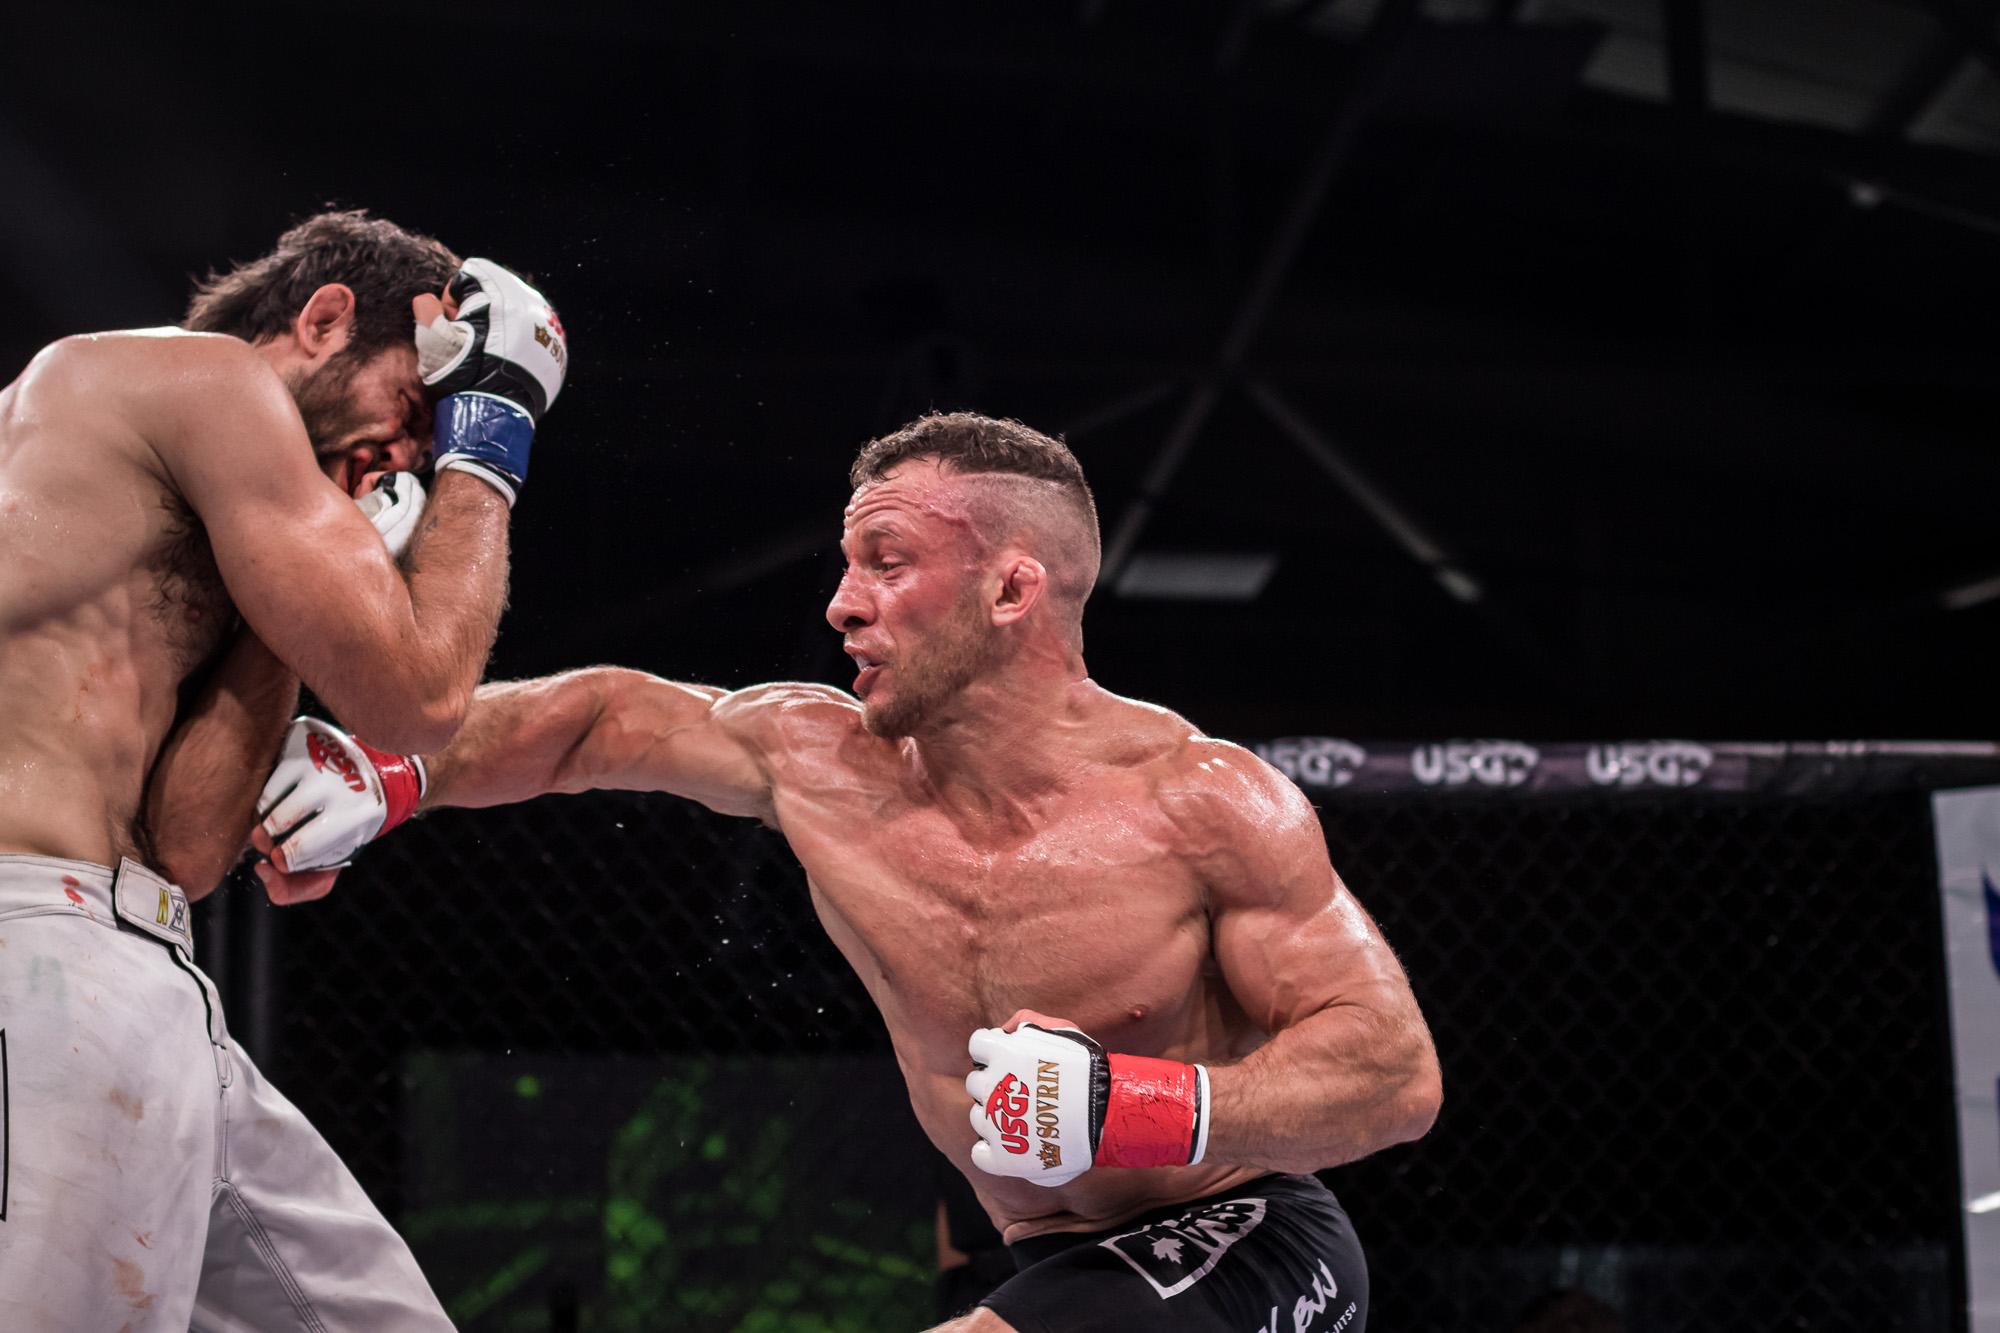 Fight #6 - Joel Paquette vs. Colton Boxell